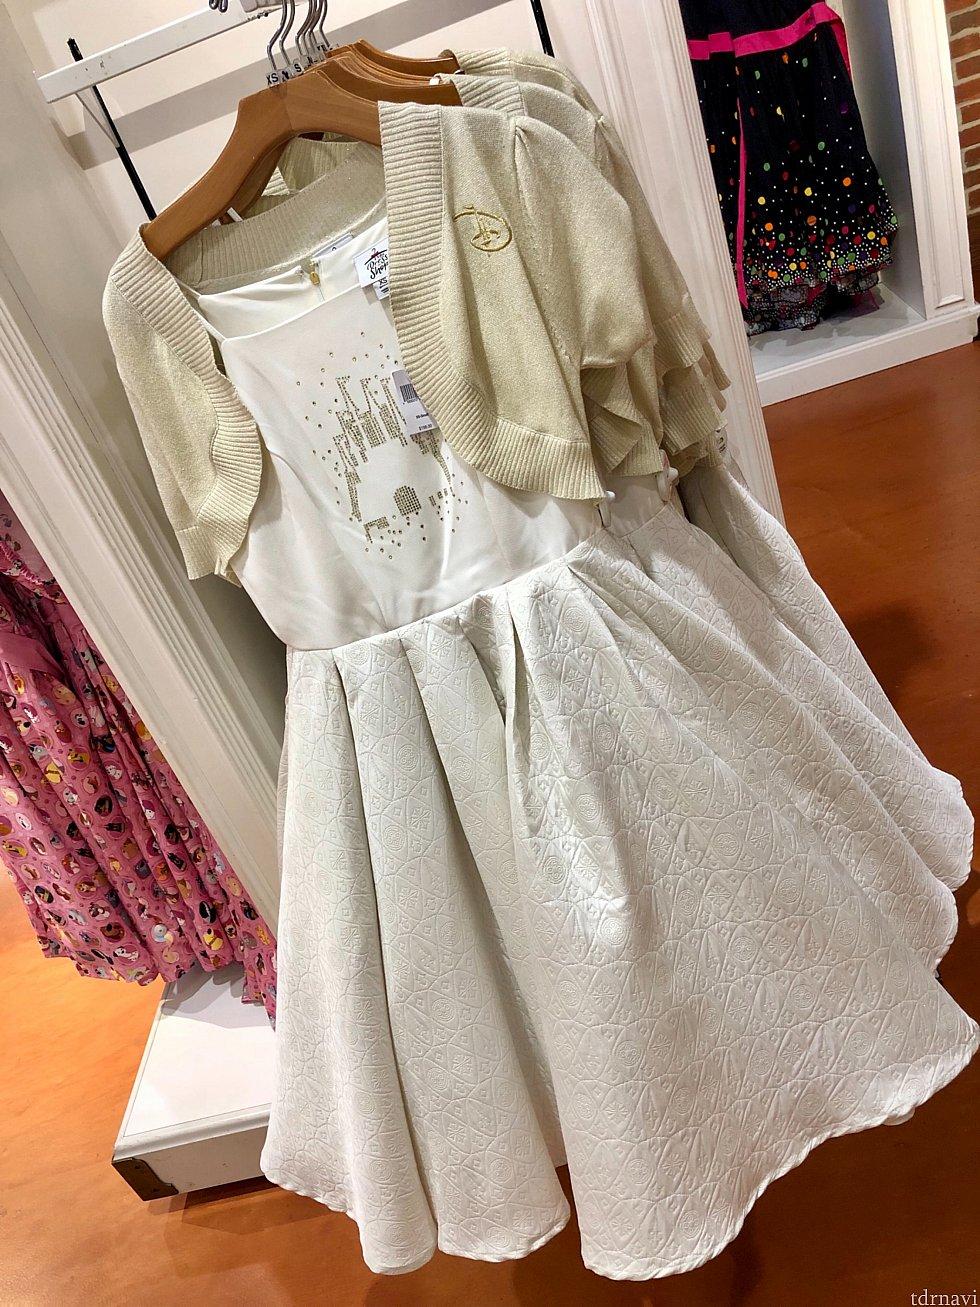 この色合いのドレスも清楚で良いですね。他のドレスと生地が違います。やはりいい記事を使っているからでしょうか、お値段が他より高くて$198。